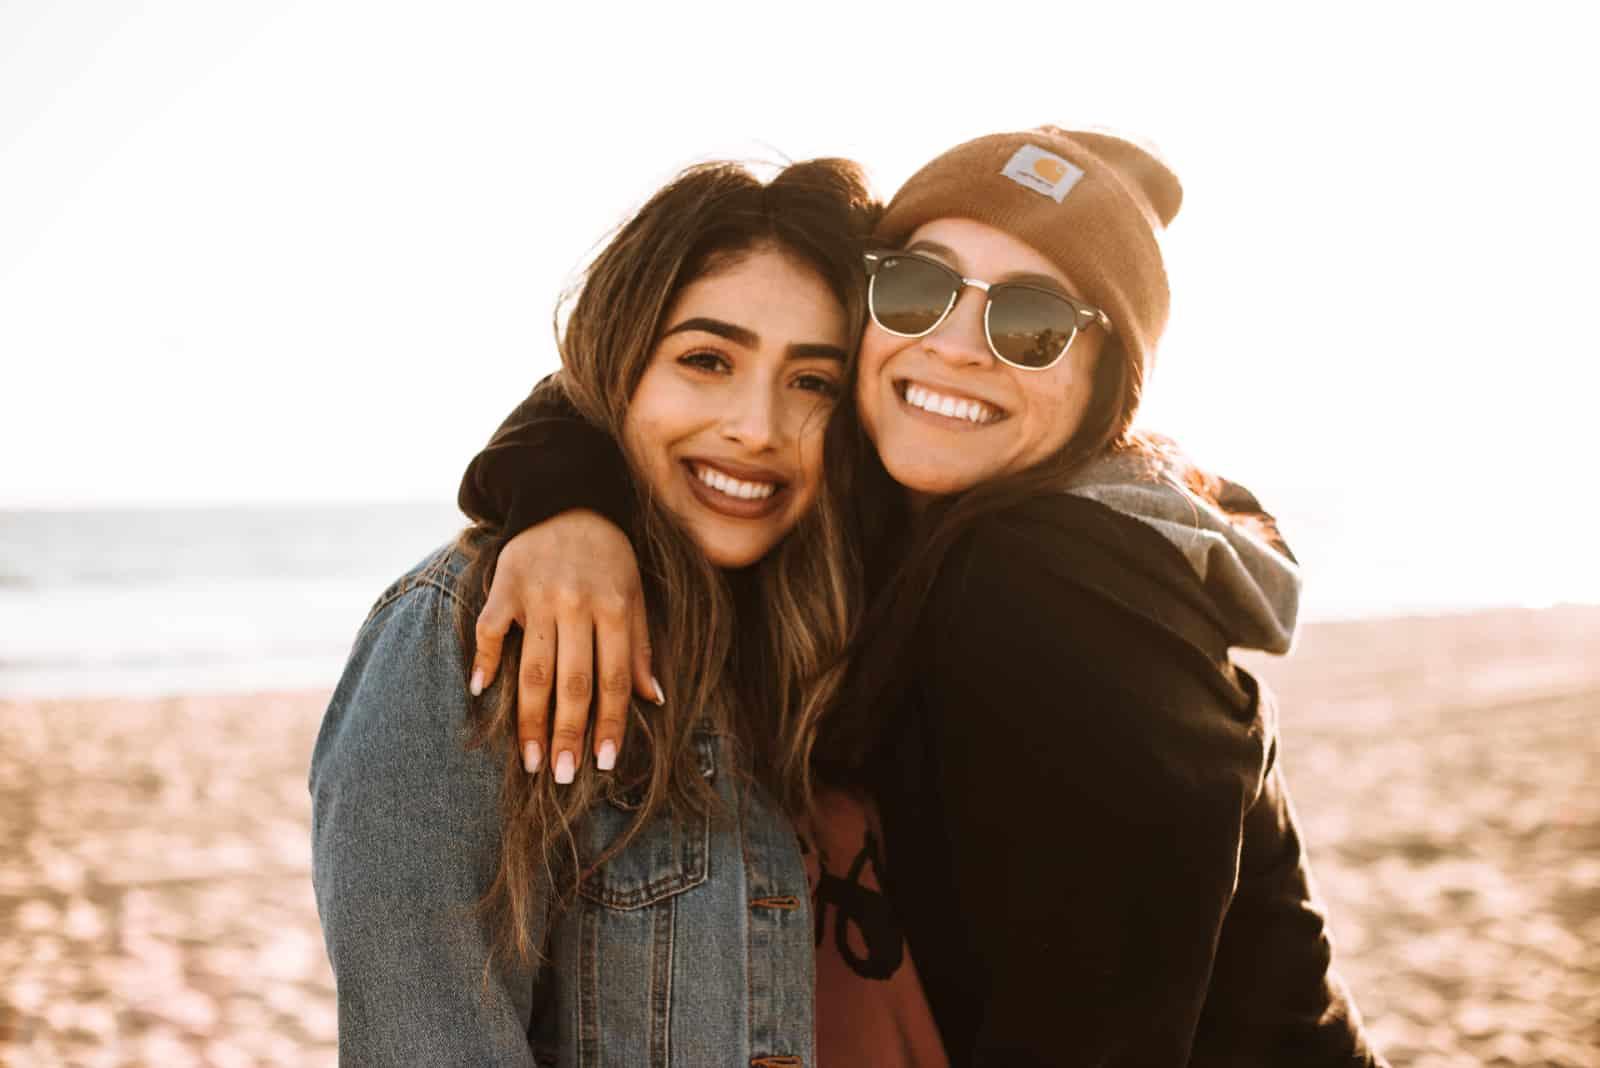 deux femmes souriant sur la plage